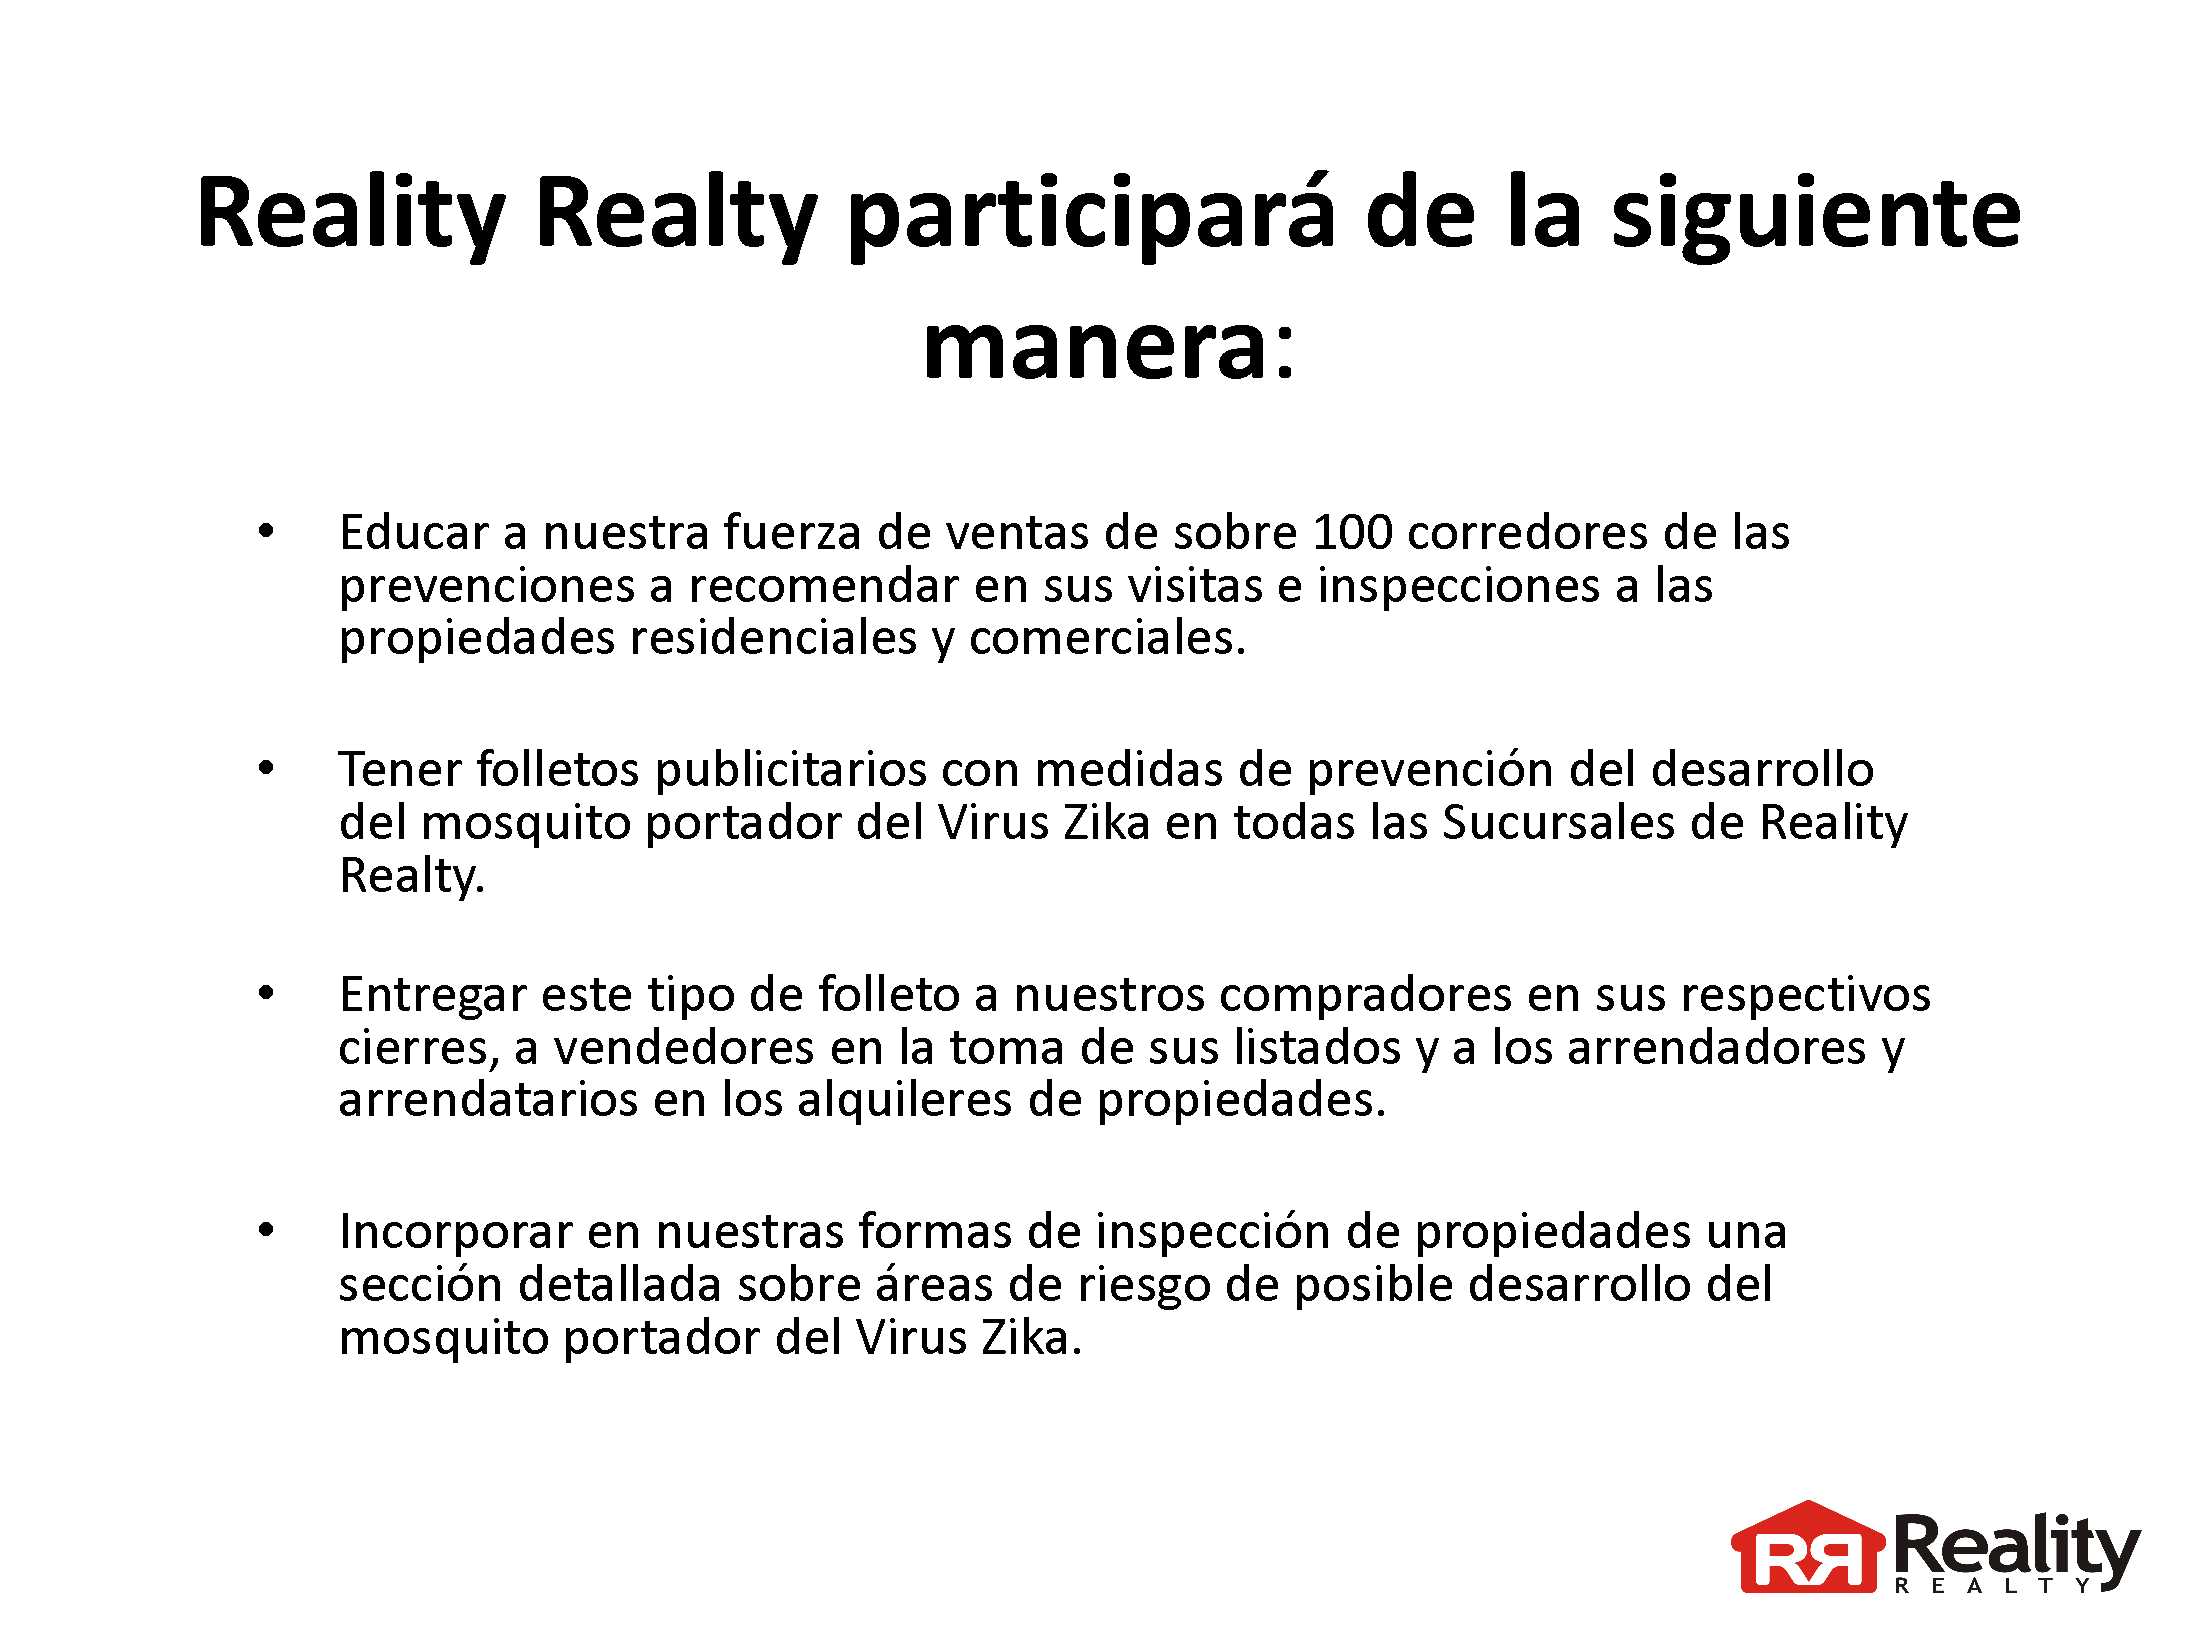 PARTICIPACION DE REALITY REALTY EN LA PREVENCION DEL VIRUS ZIKA_Página_2